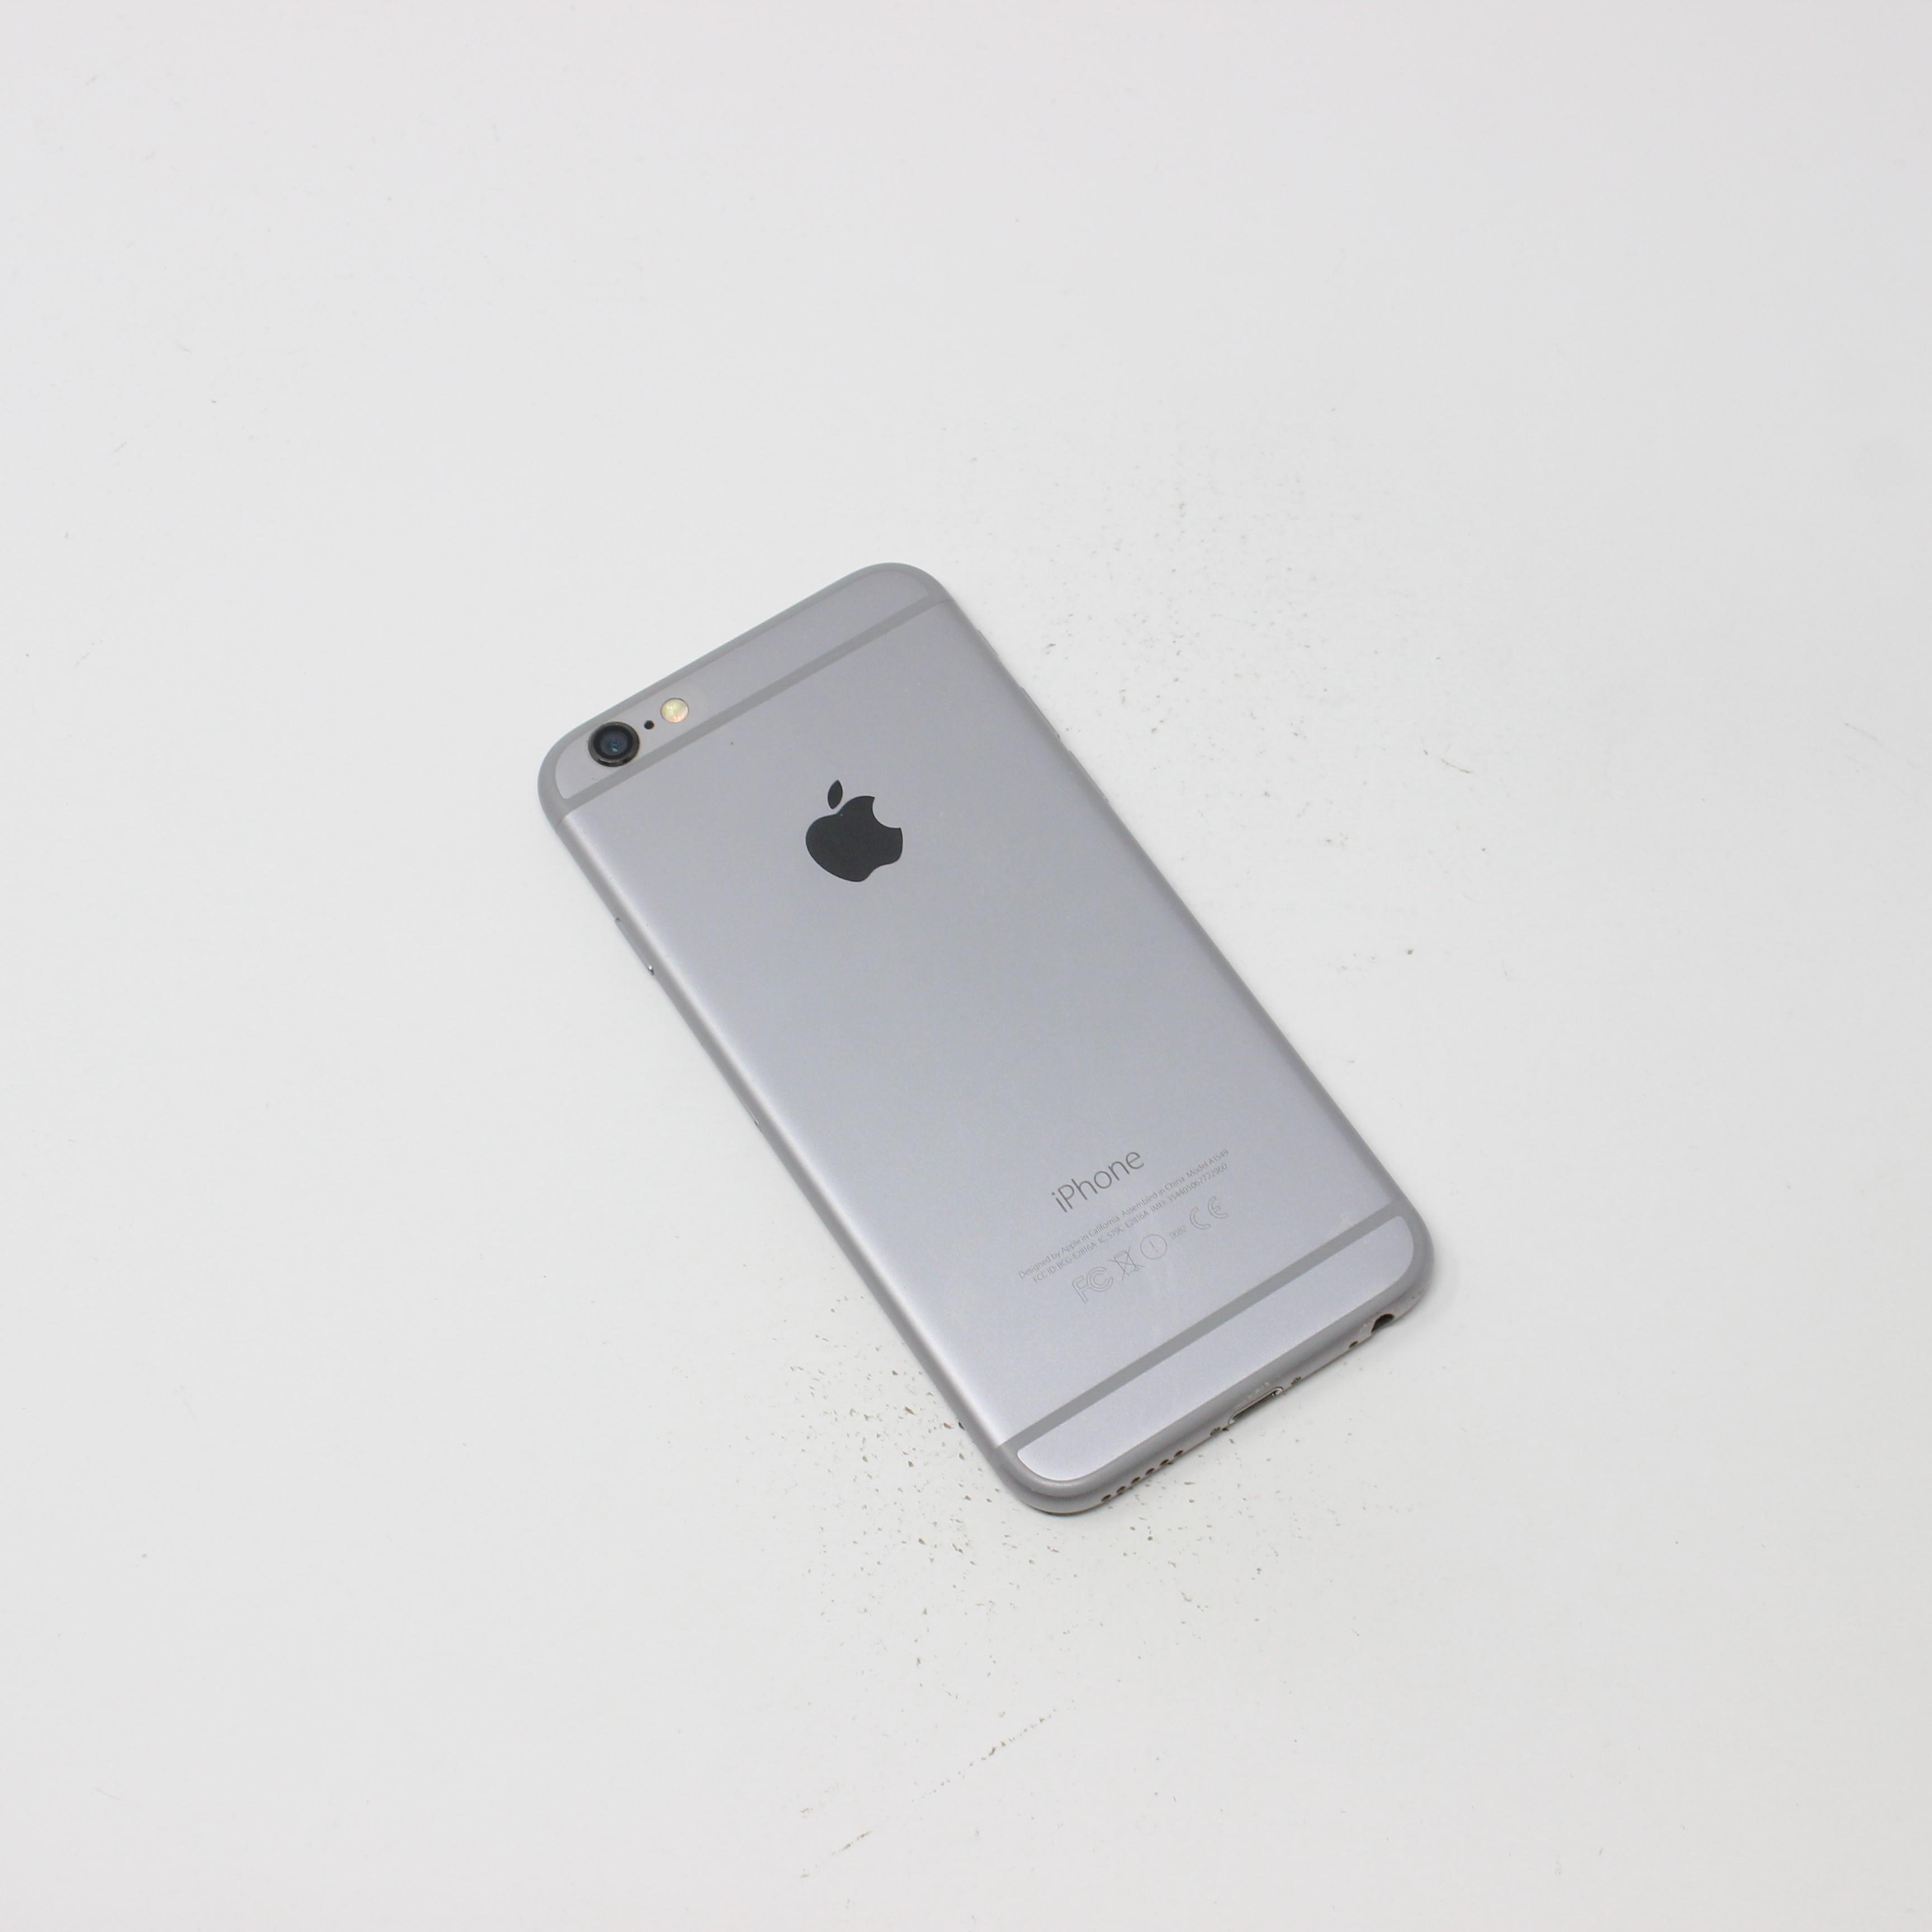 iPhone 6 128GB Space Gray - AT&T photo 3 | UpTradeit.com